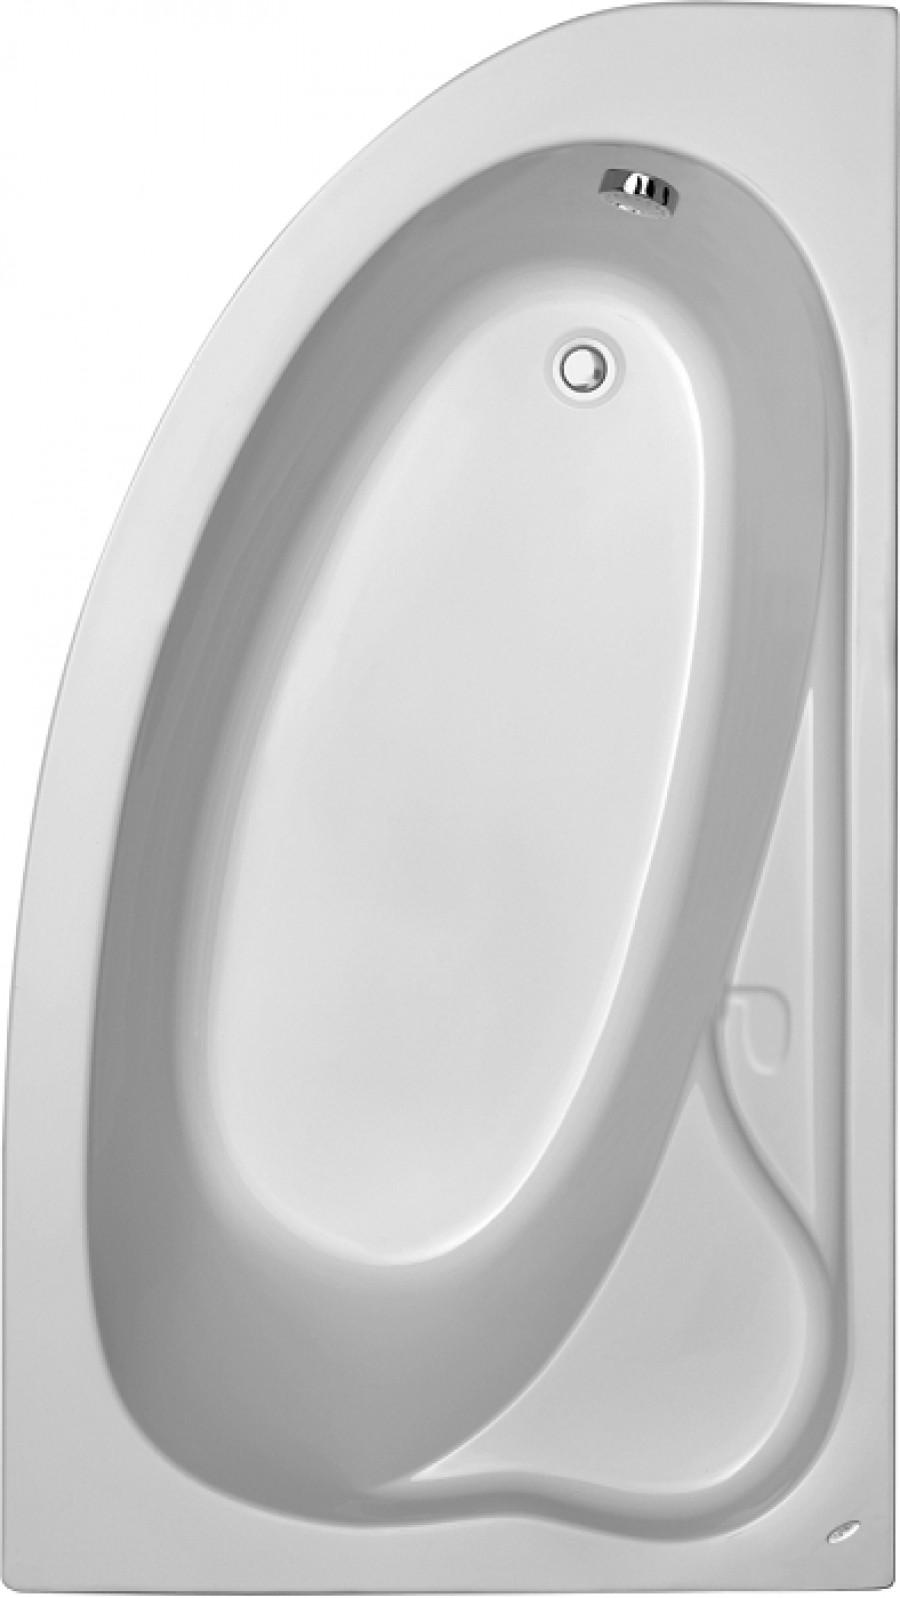 vidage baignoire automatique 5820 meuble. Black Bedroom Furniture Sets. Home Design Ideas